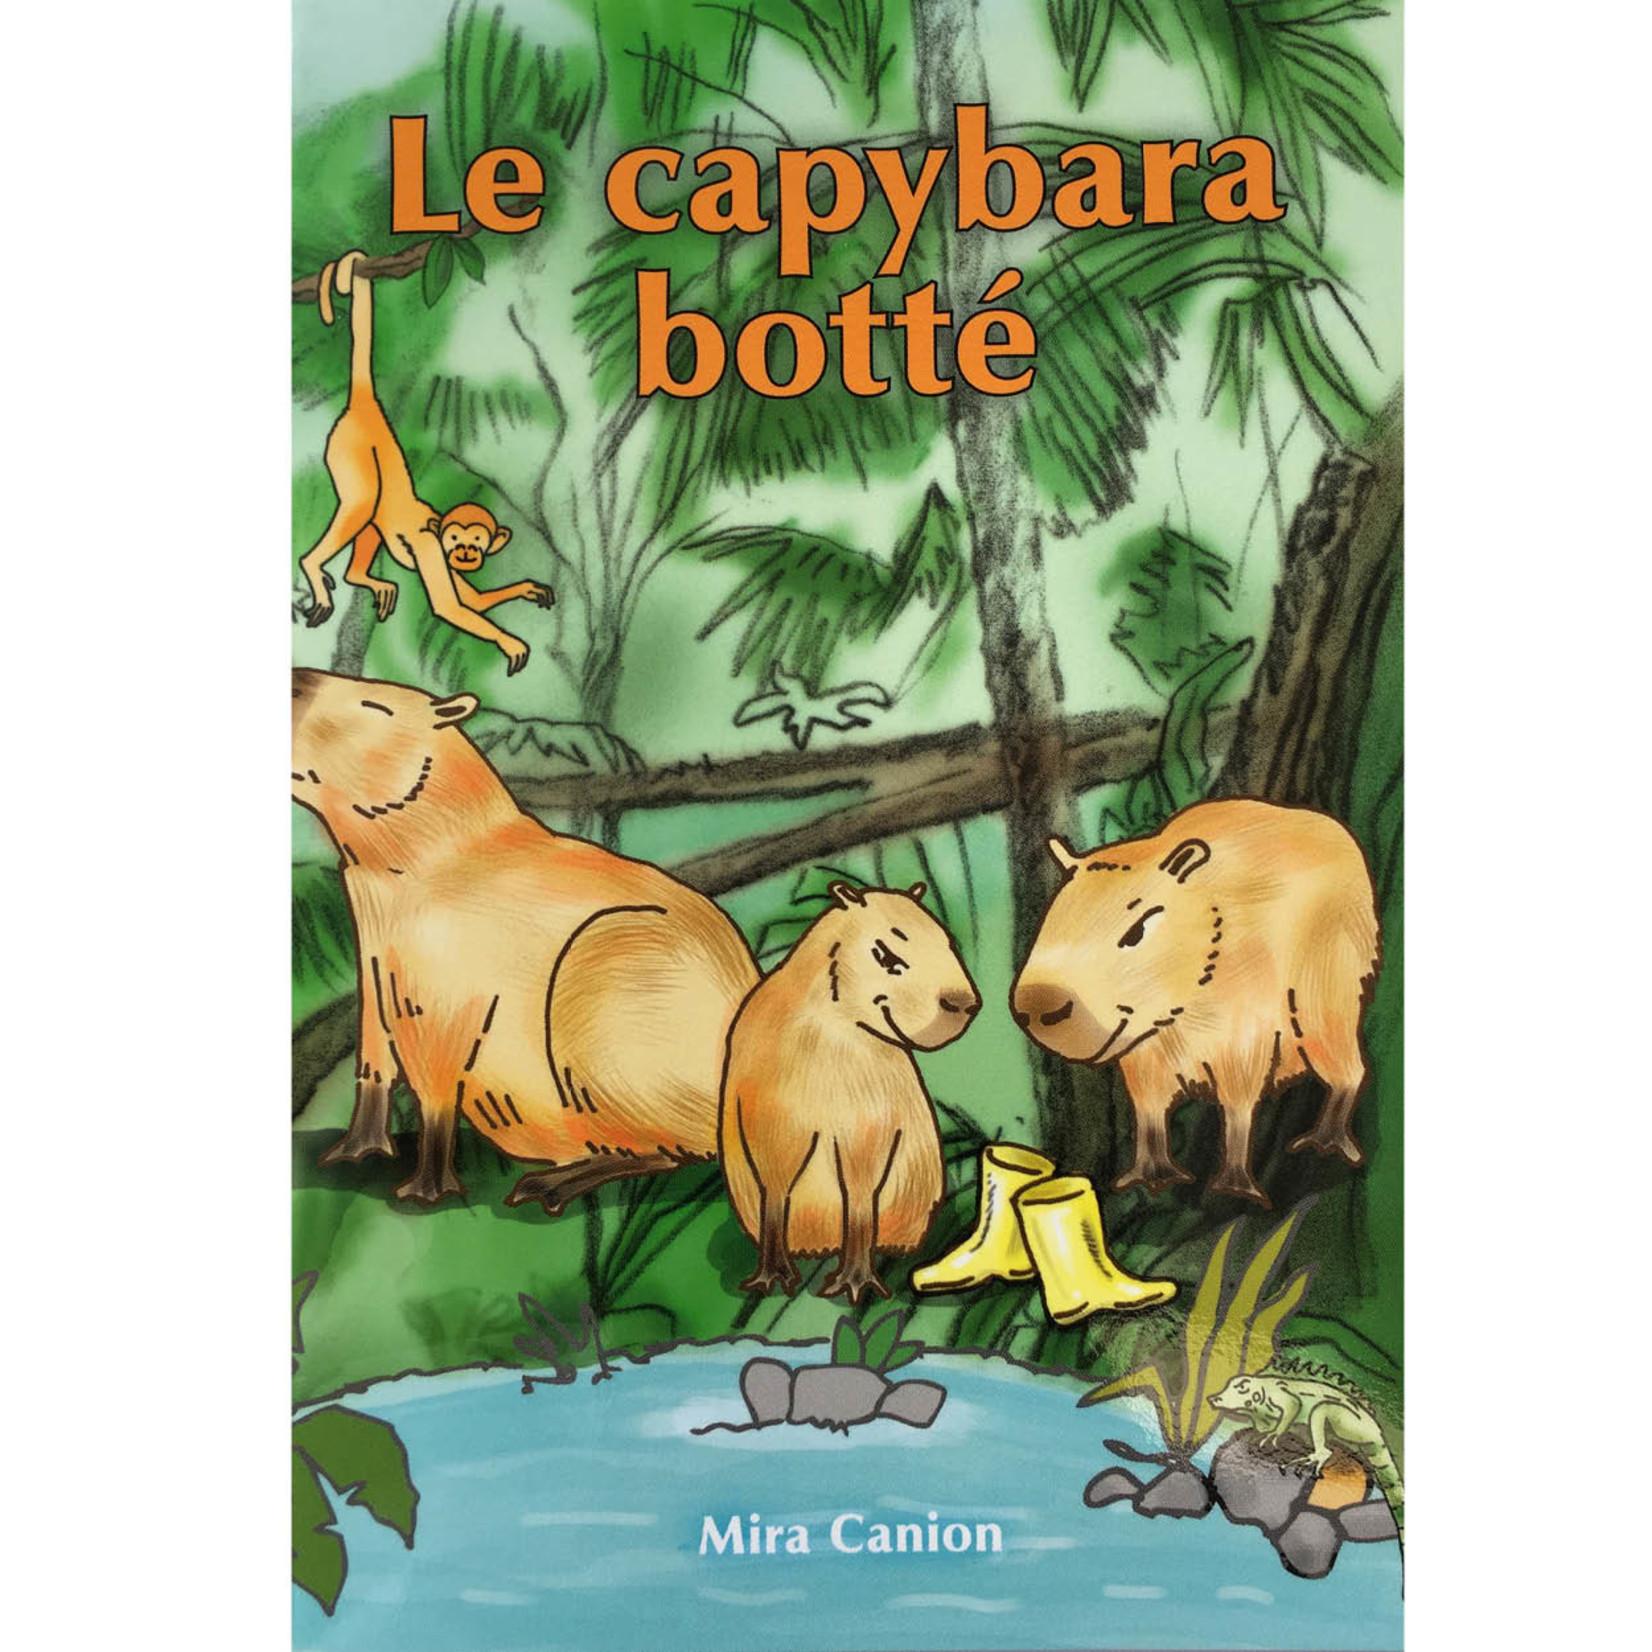 Mira Canion Le capybara botté